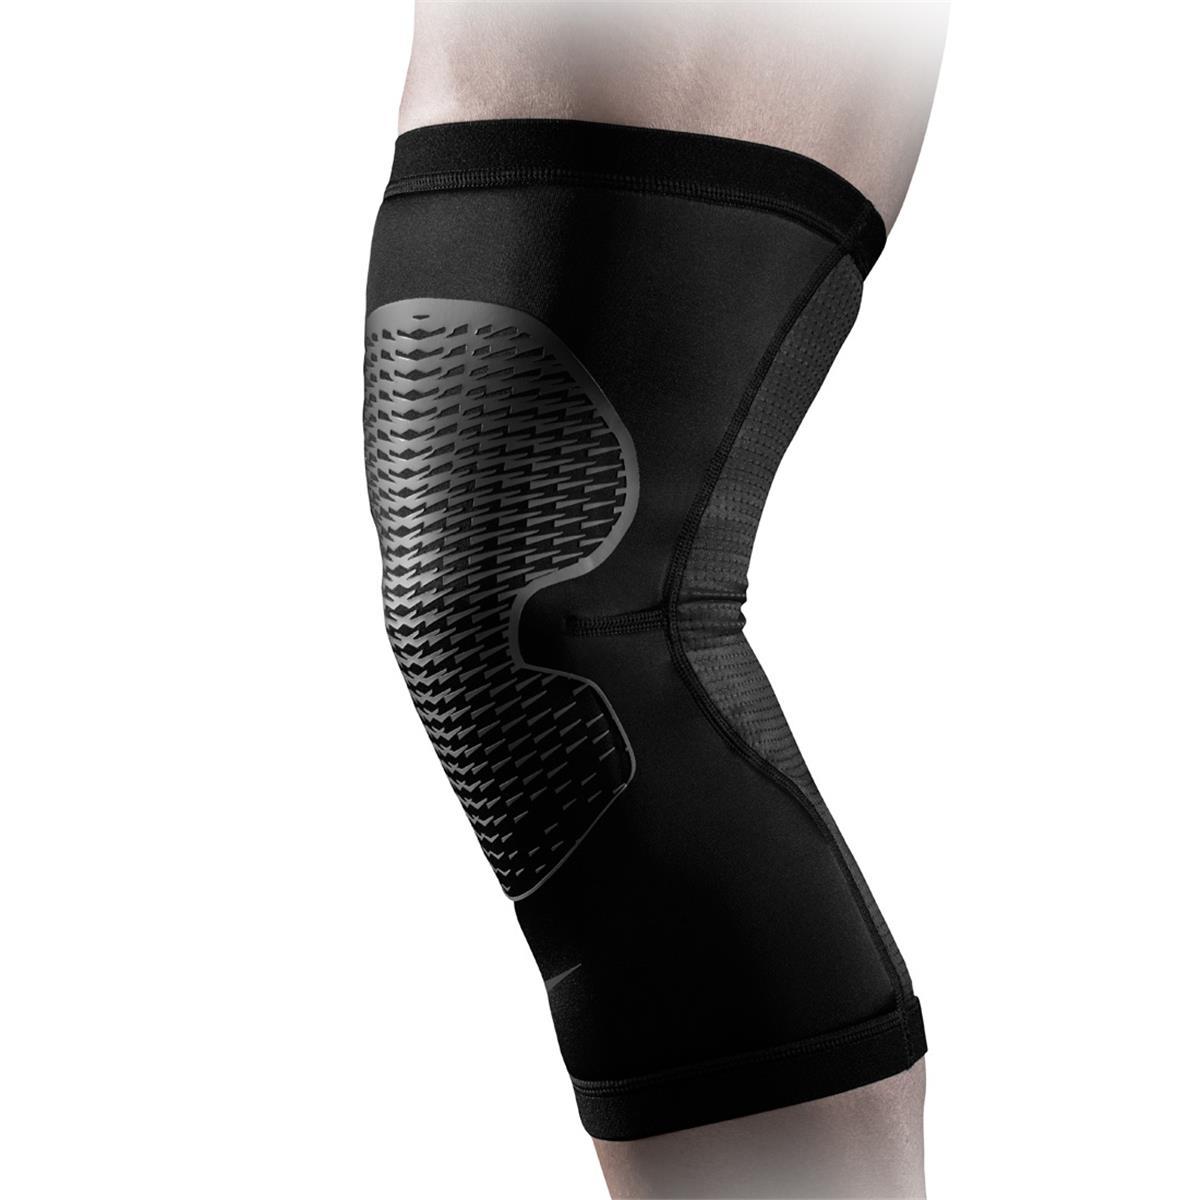 21318ab8f1 Nike Pro Hyperstrong 3.0 Knee Support | directsportseshop.co.uk